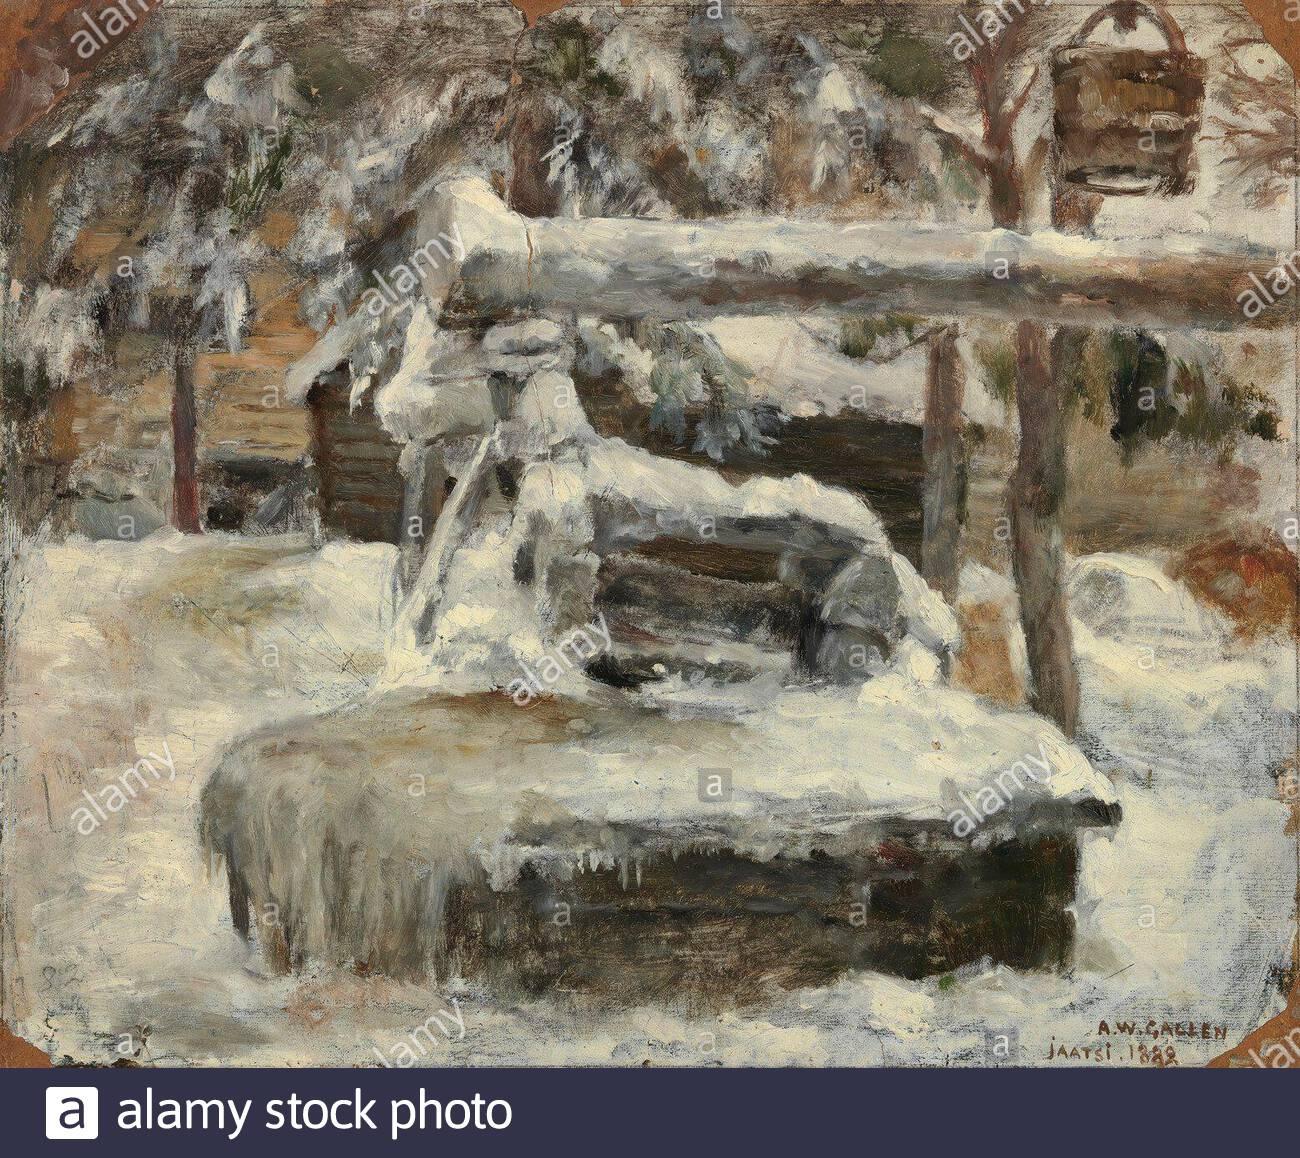 """""""Finnish:  Luminen pihamaaSnowy Courtyardtitle QS:P1476,fi:Luminen pihamaa label QS:Lfi,Luminen pihamaa label QS:Len,Snowy Courtyard; 1882; """" Stock Photo"""